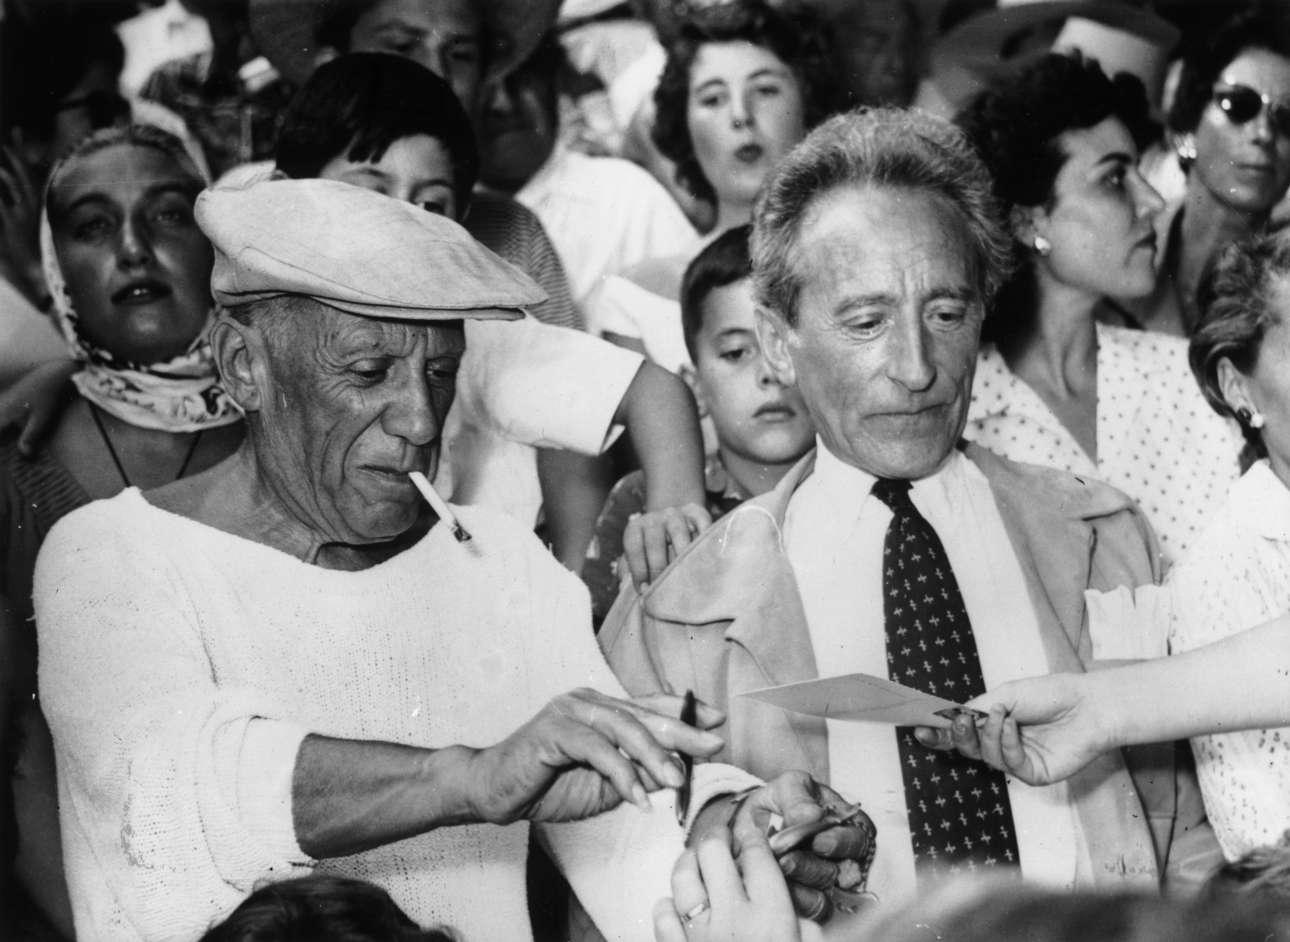 Νοέμβριος 1958. Με τον θρυλικό συγγραφέα, εικαστικό και κινηματογραφιστή Ζαν Κοκτό, δίνει αυτόγραφο σε θαυμαστές του κατά τη διάρκεια μιας ταυρομαχίας